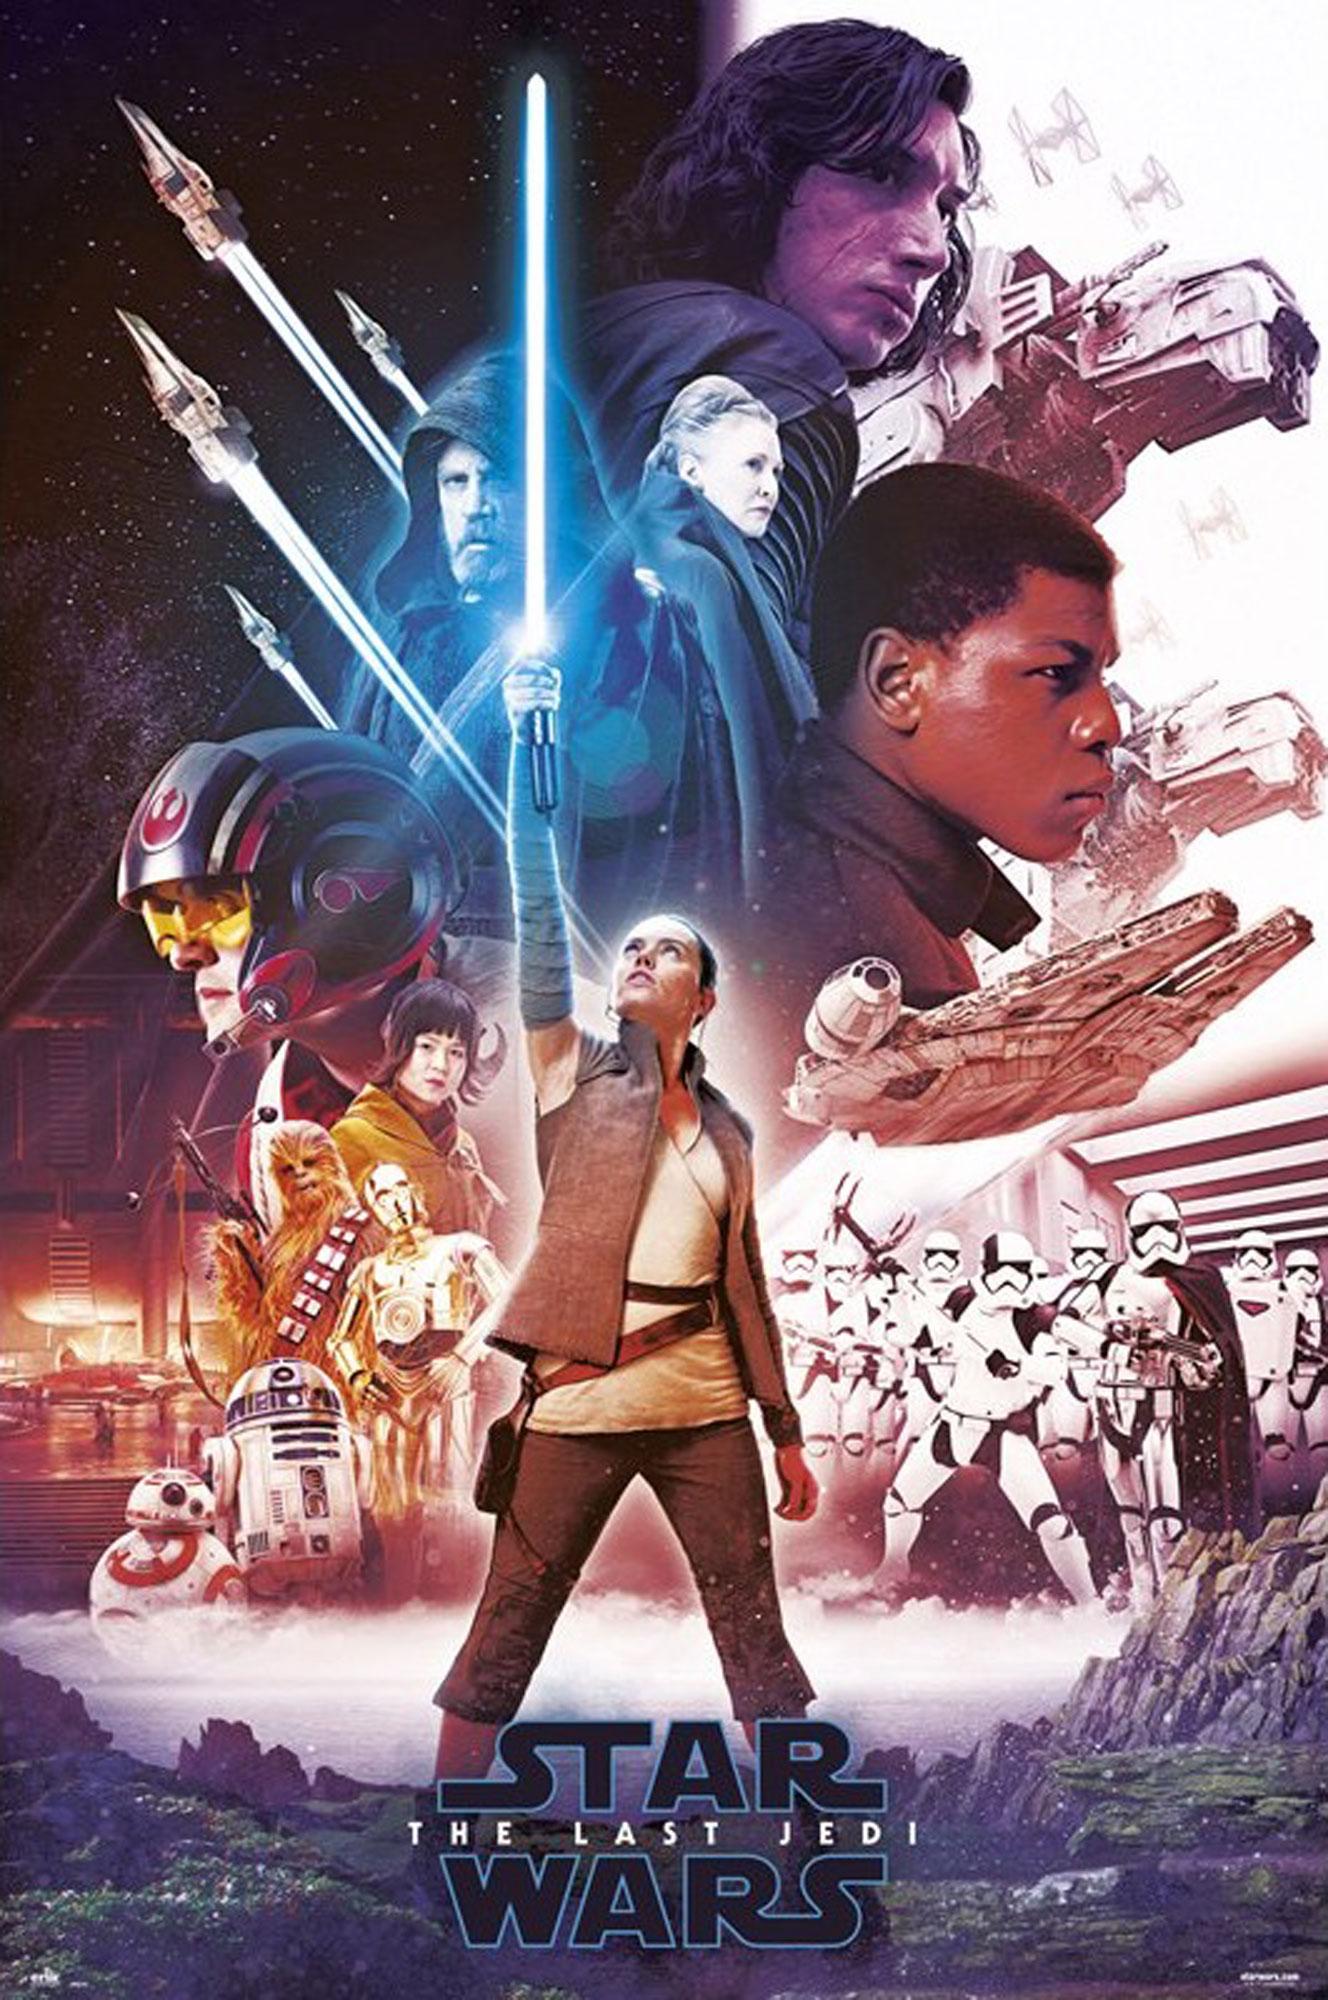 Star Wars - The Last Jedi - EP8 - Blue Saber - Poster Plakat - Größe ...